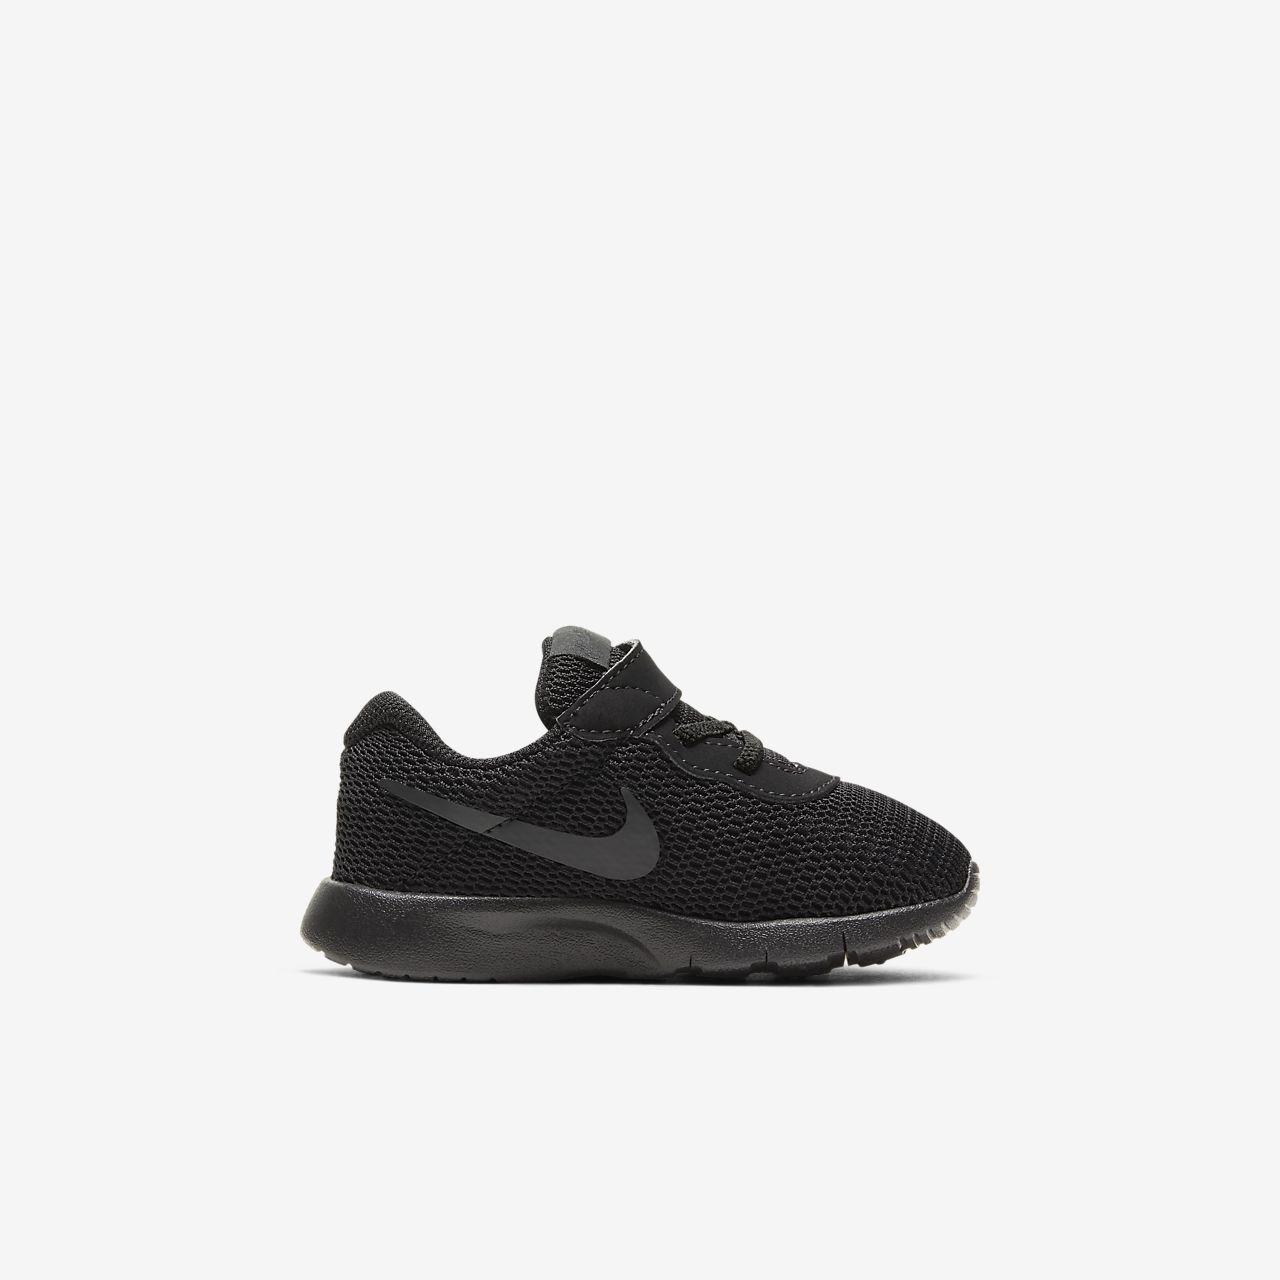 ... Chaussure Nike Tanjun pour Bébé/Petit enfant (17-27)